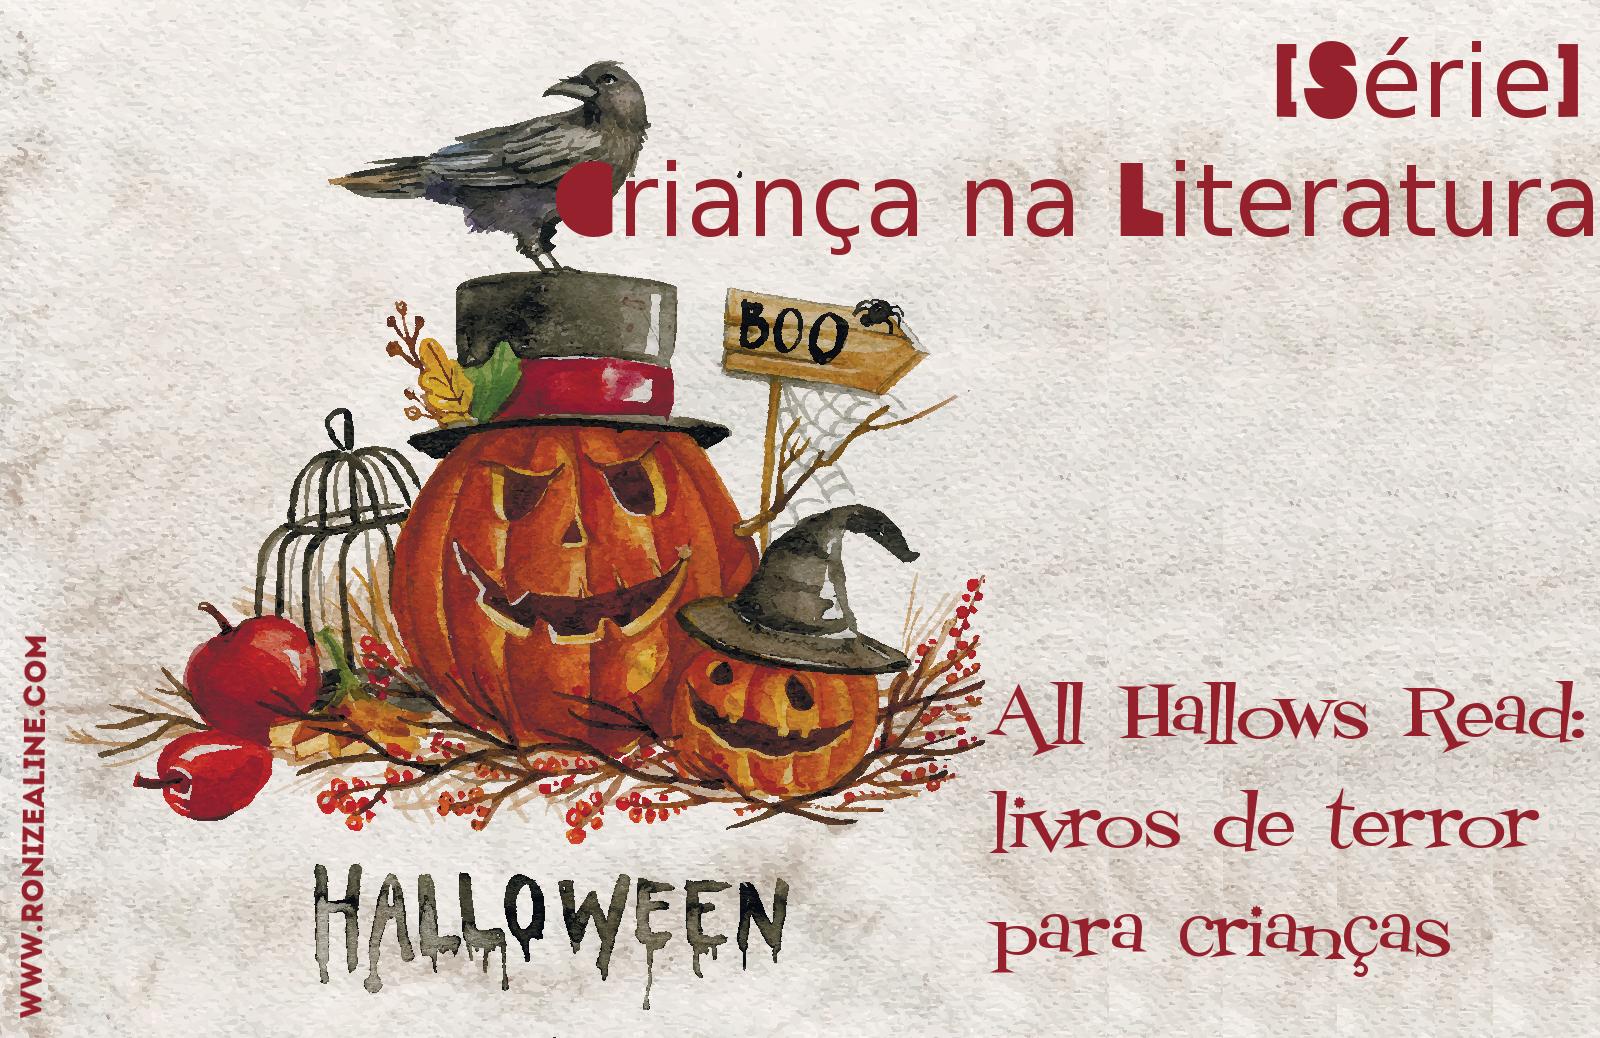 all hallows read - terror para crianças